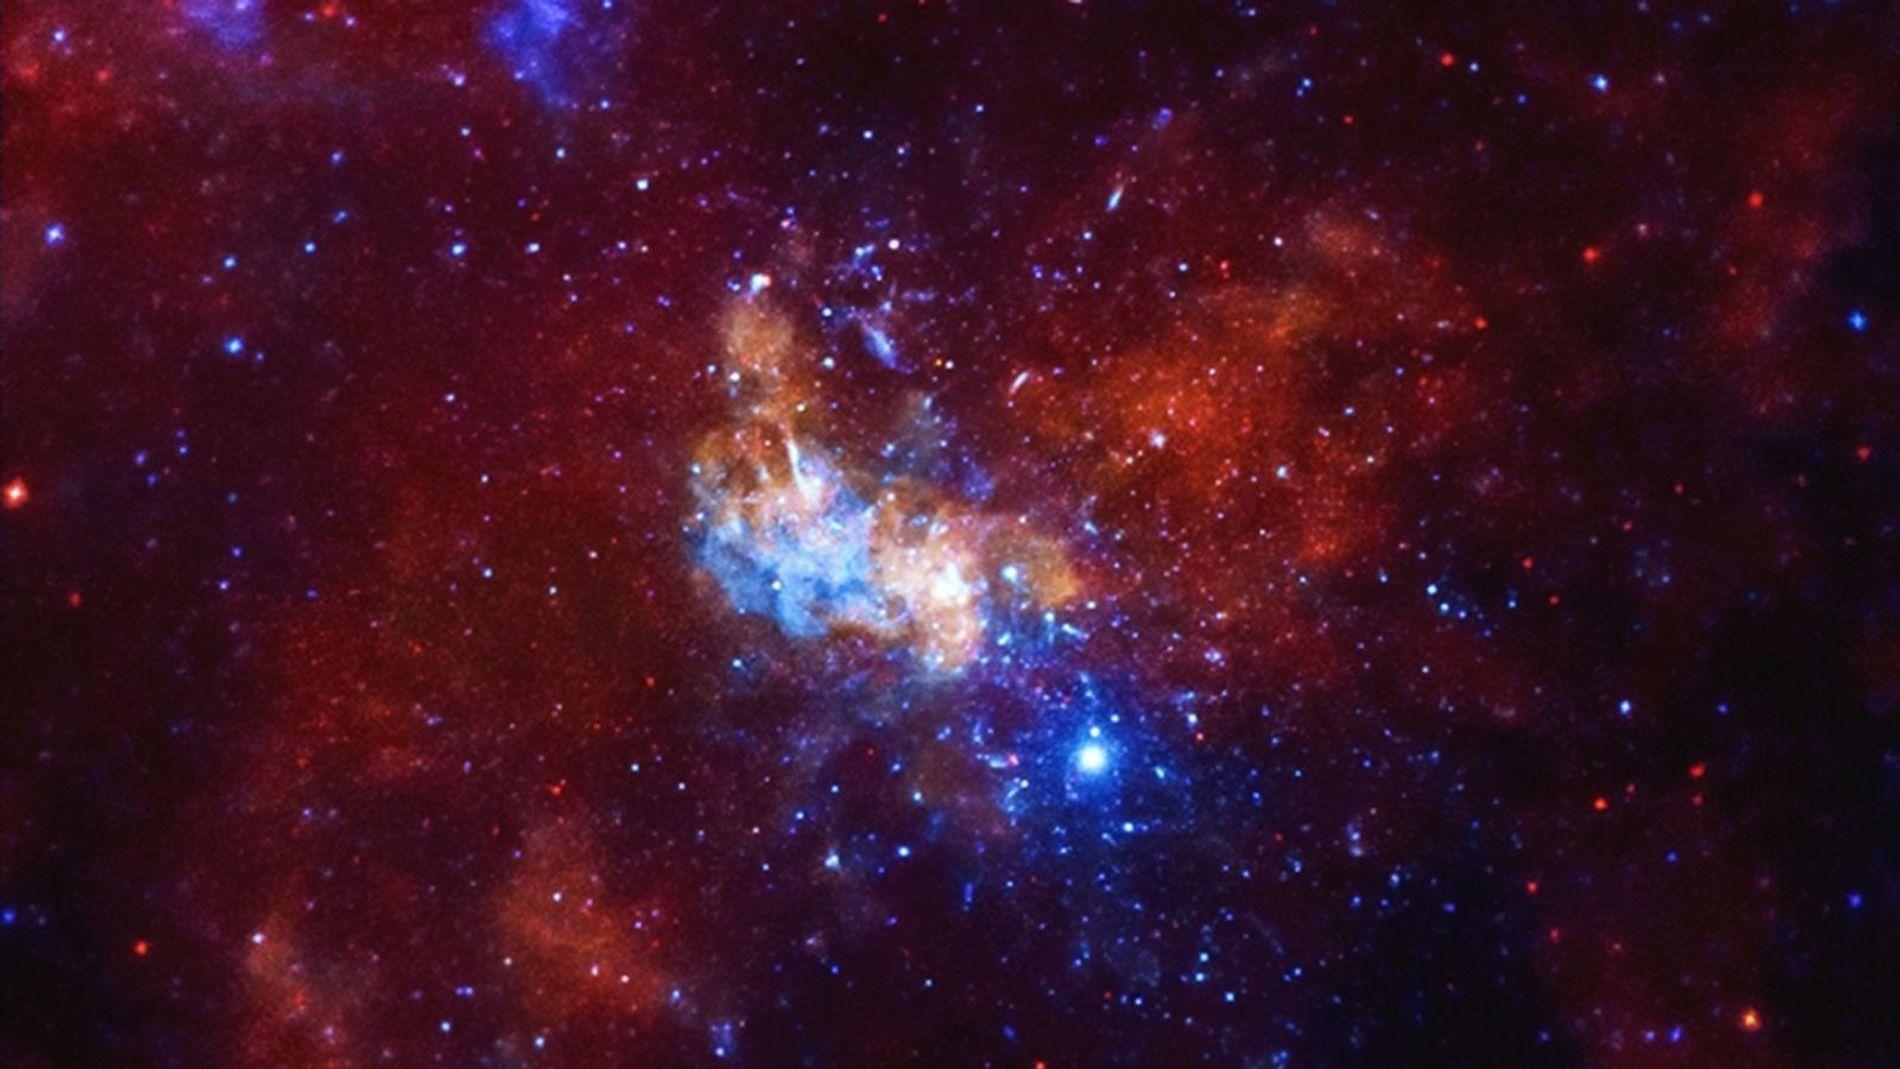 Sagittaire A* - Images de la NASA